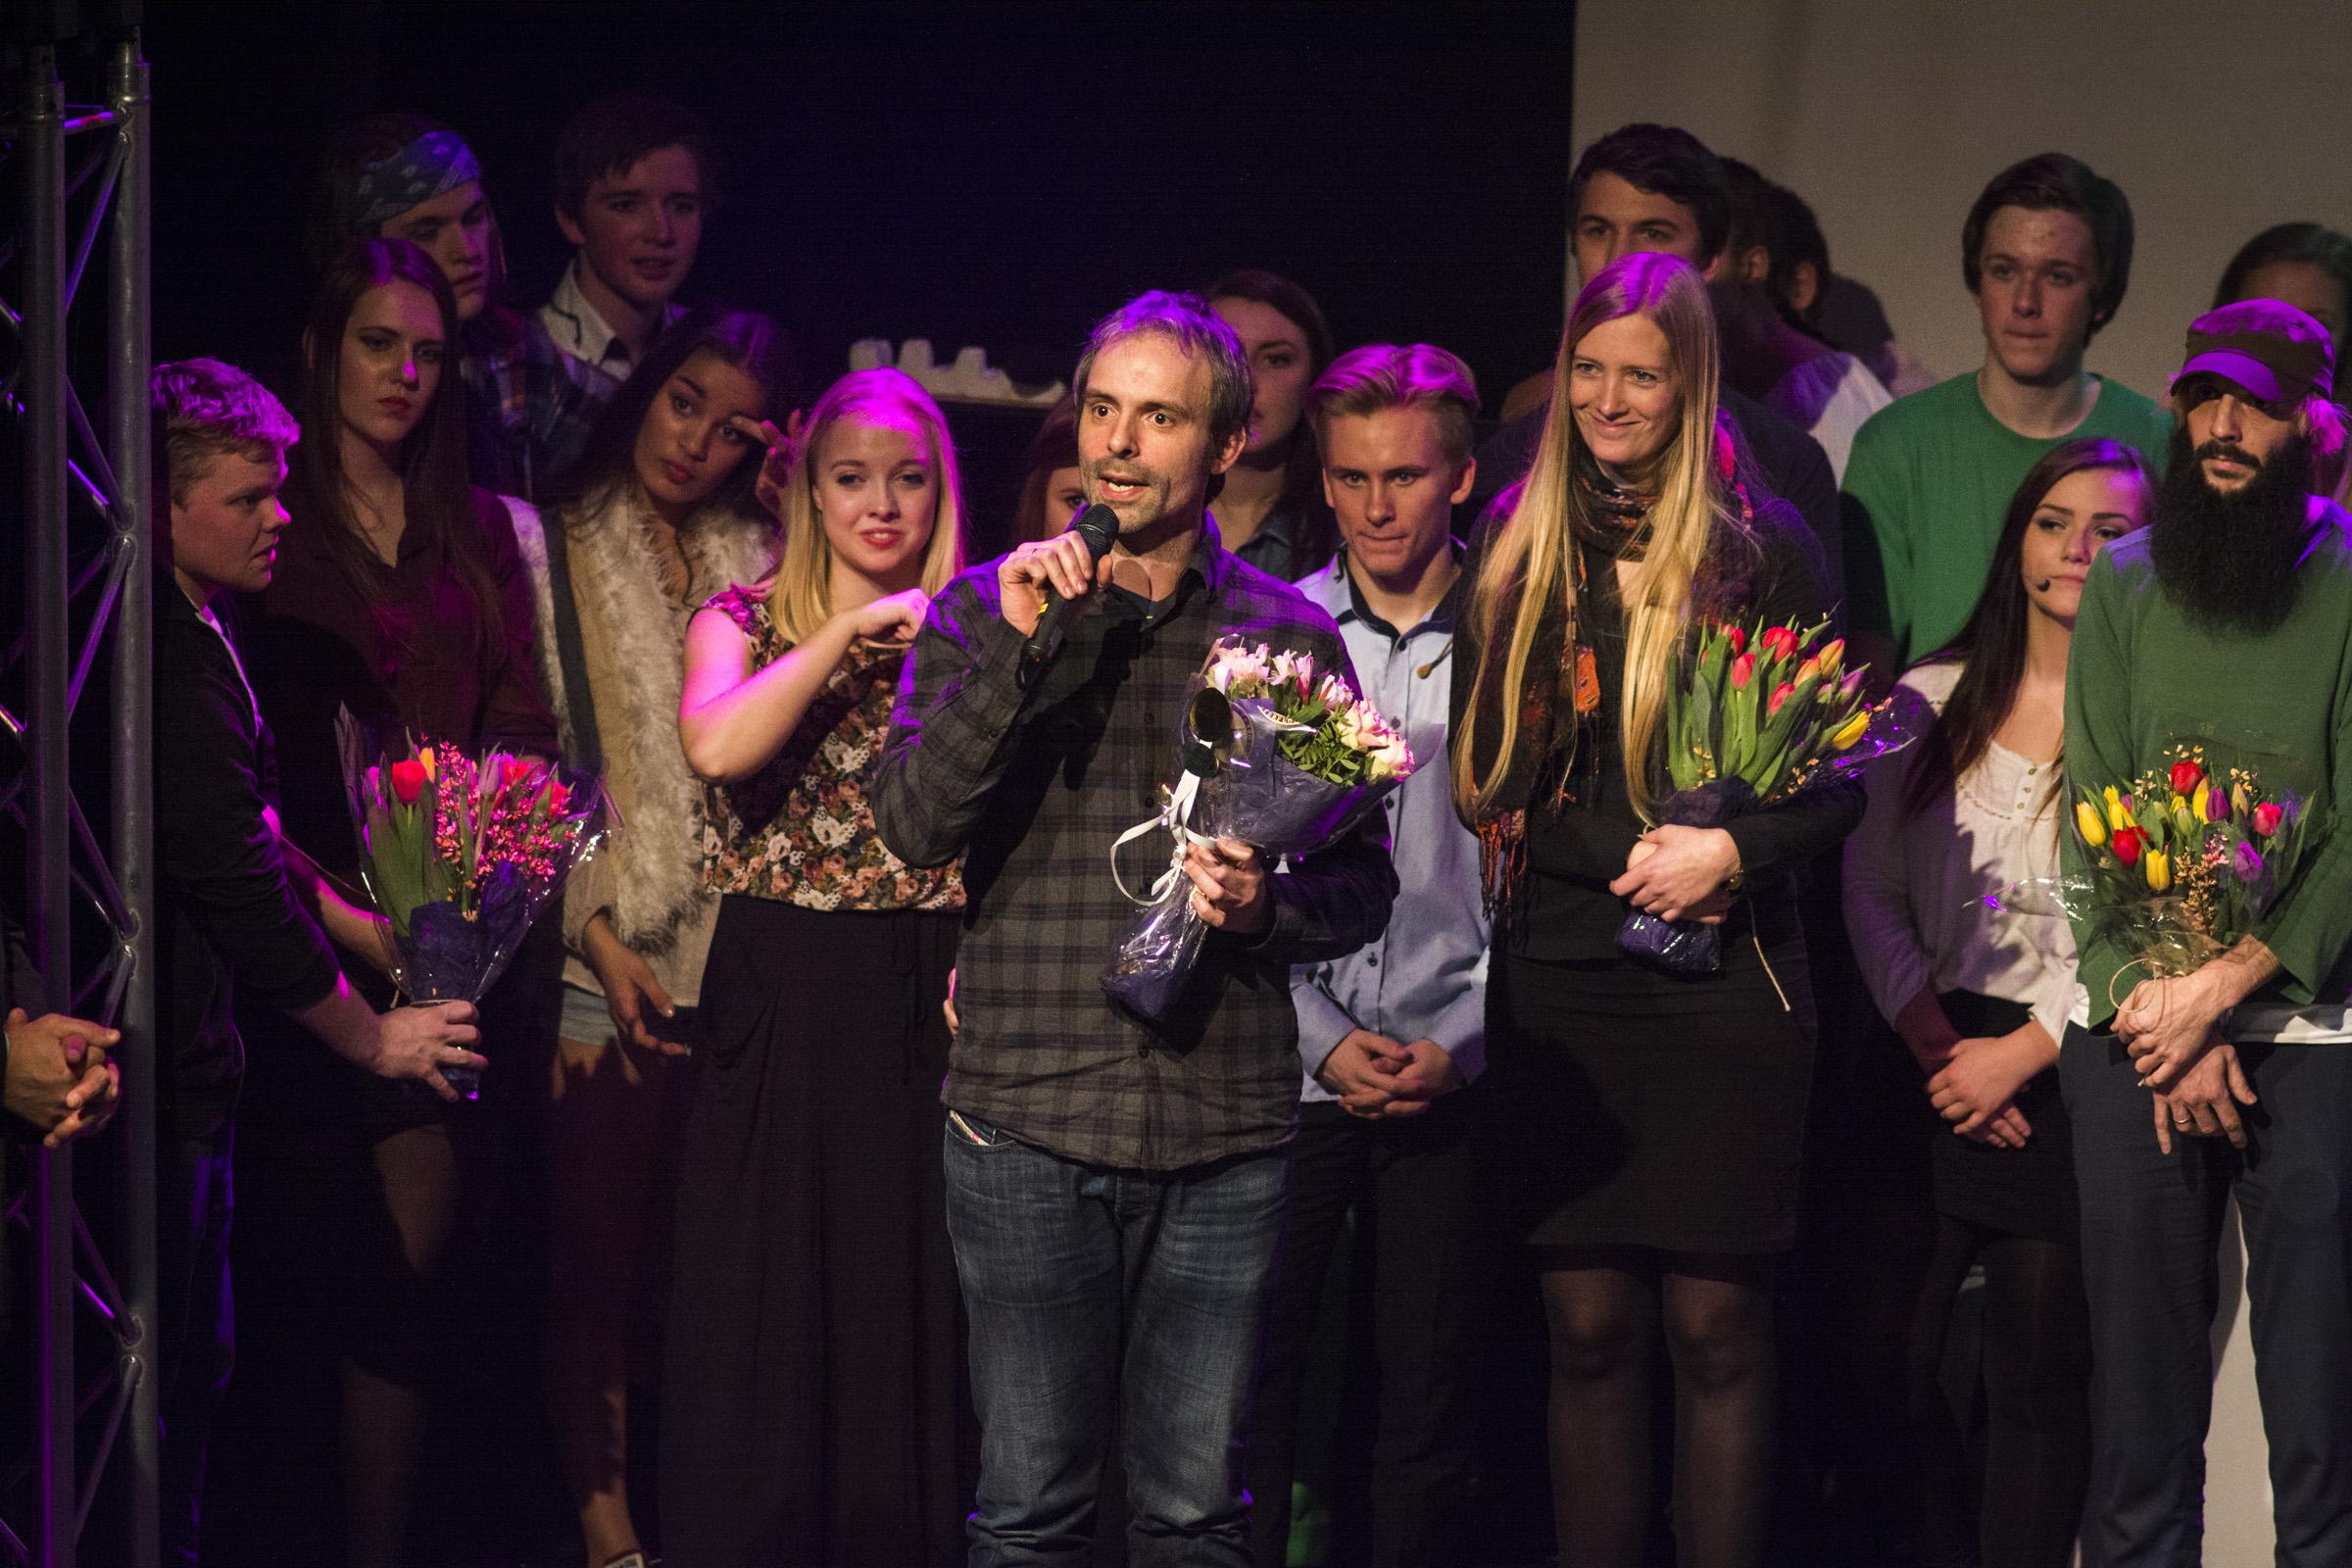 - De har vore eit fantastisk publikum, sa avdelingsleiar og produsent Jan Terje Eidset etter premieren på Ørsta kulturhus laurdag.